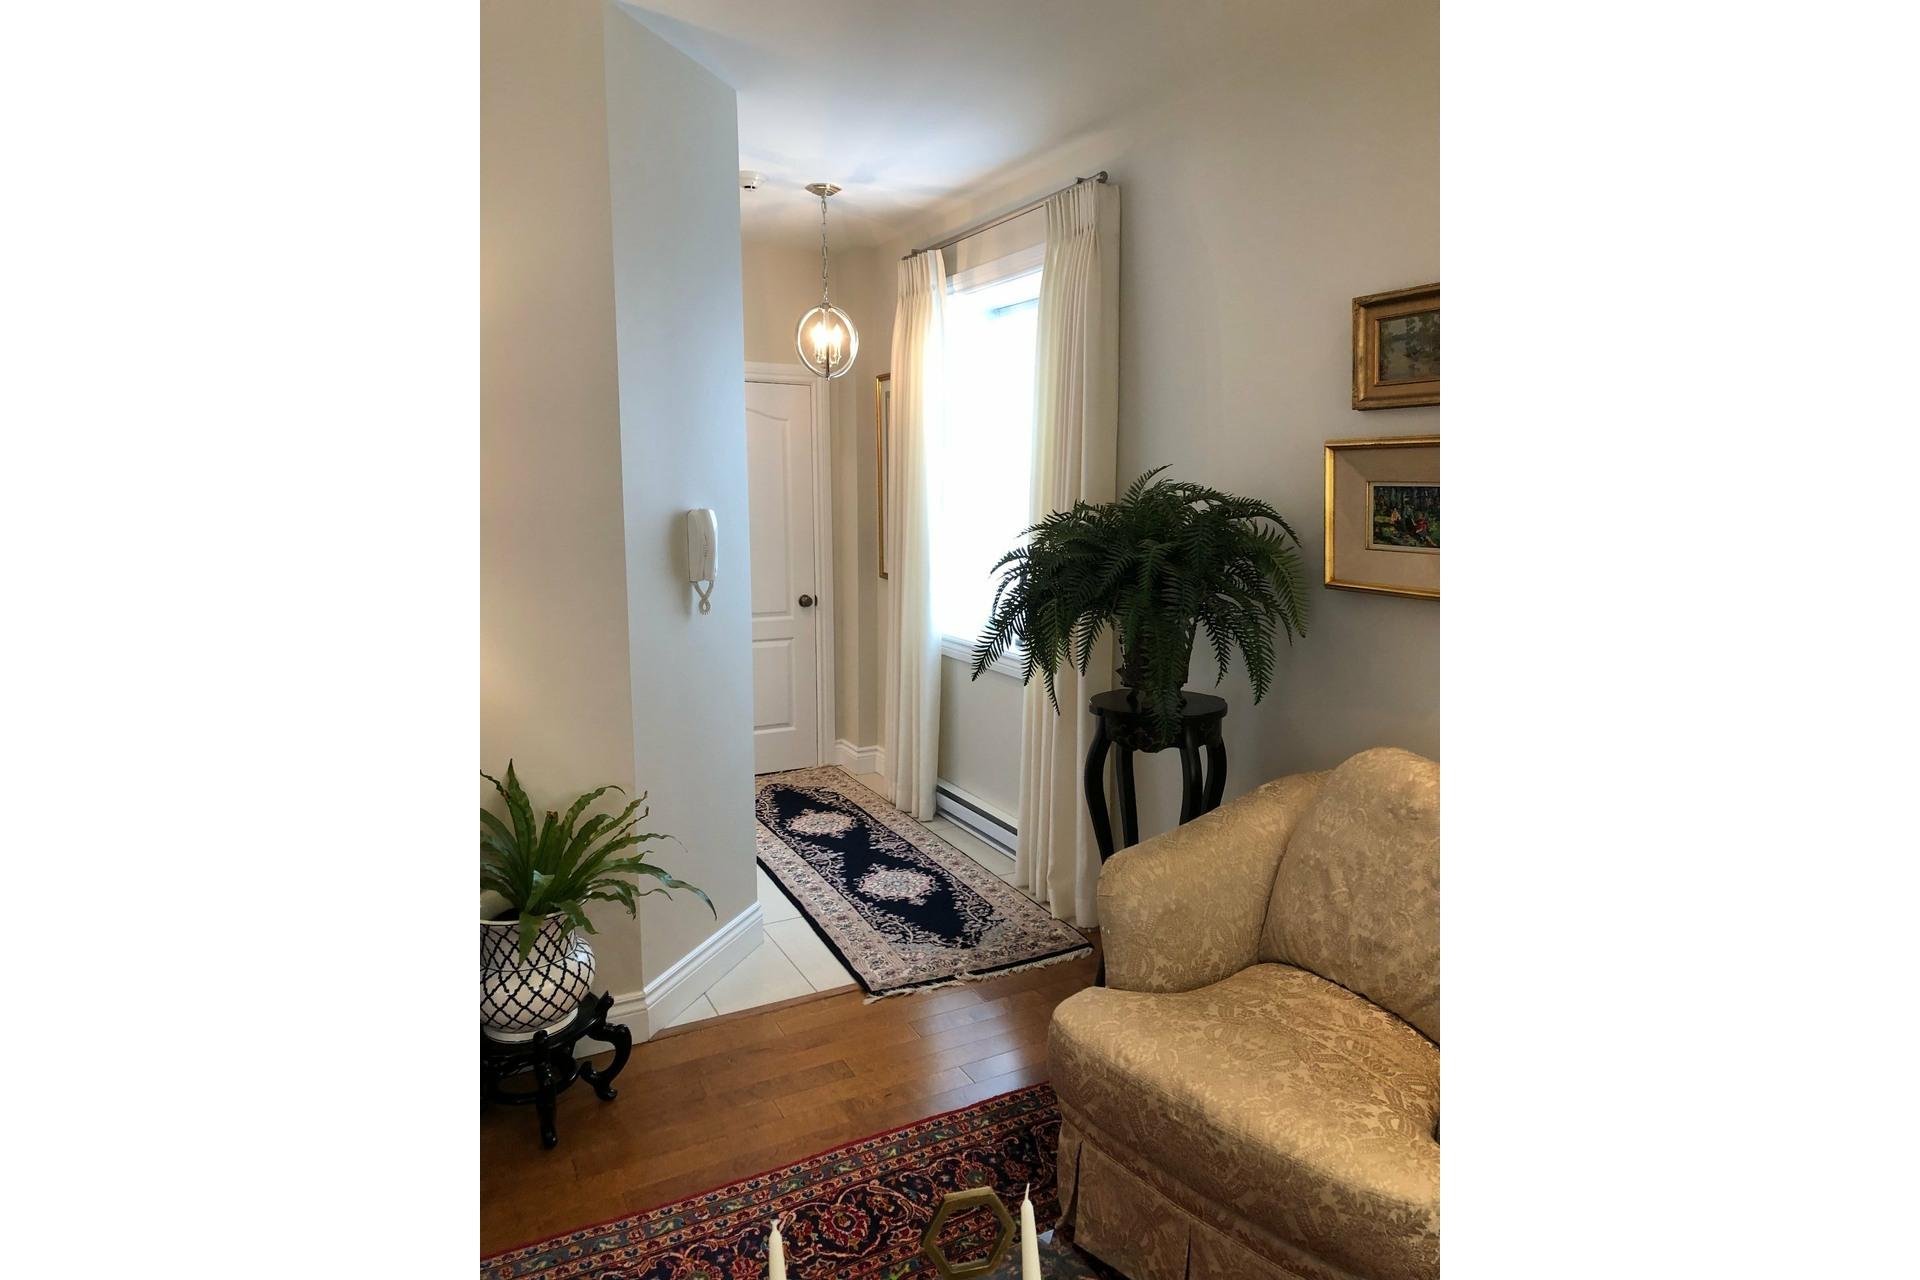 image 3 - Appartement À vendre Montréal Côte-des-Neiges/Notre-Dame-de-Grâce  - 5 pièces